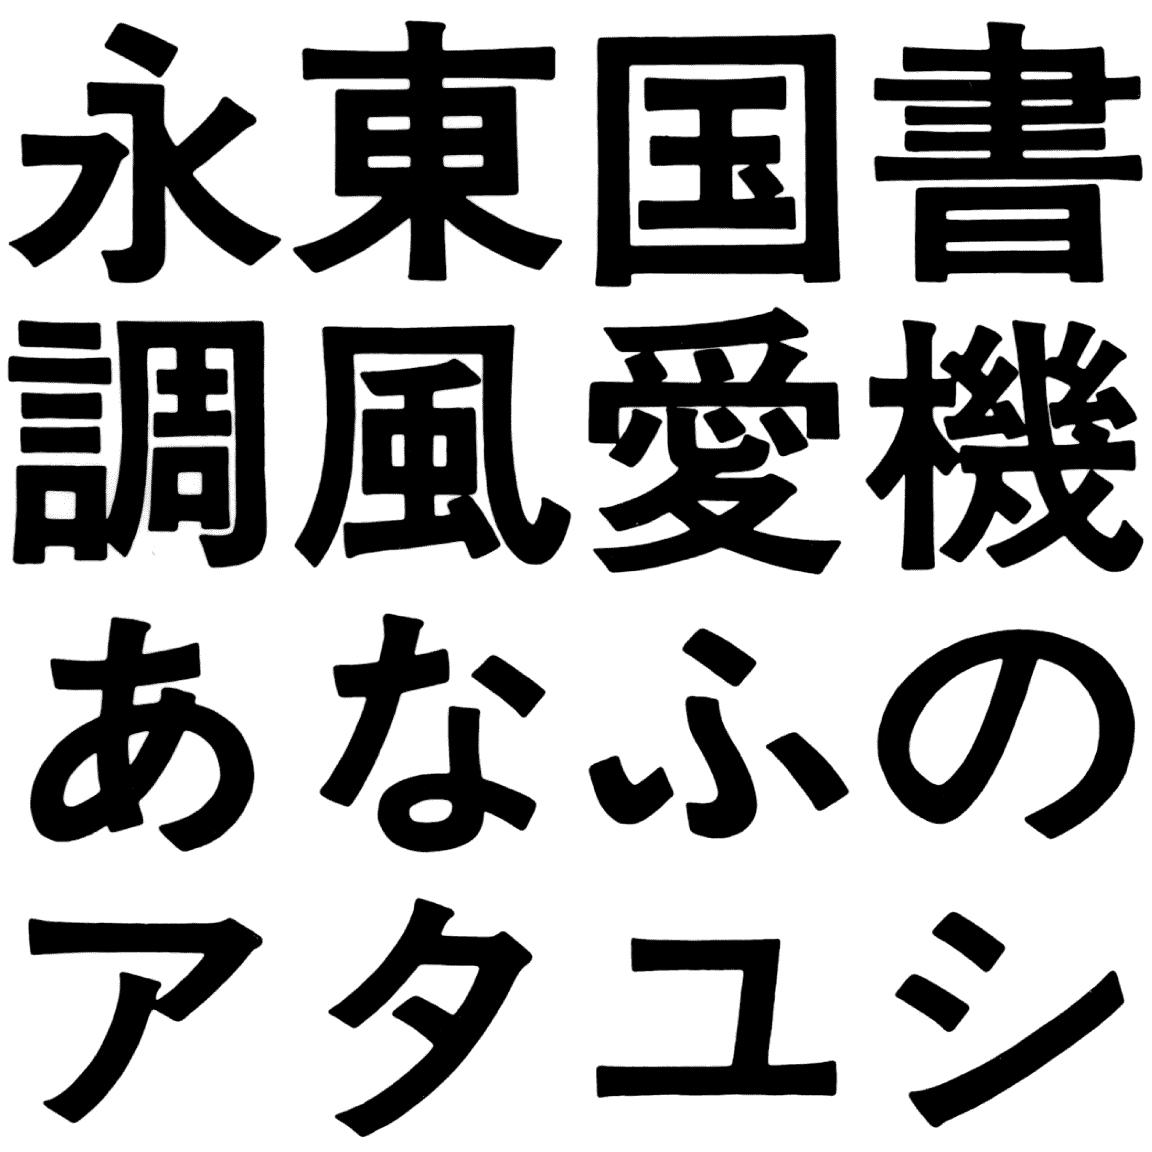 石井特太ゴシック EG-A-KS 字形見本